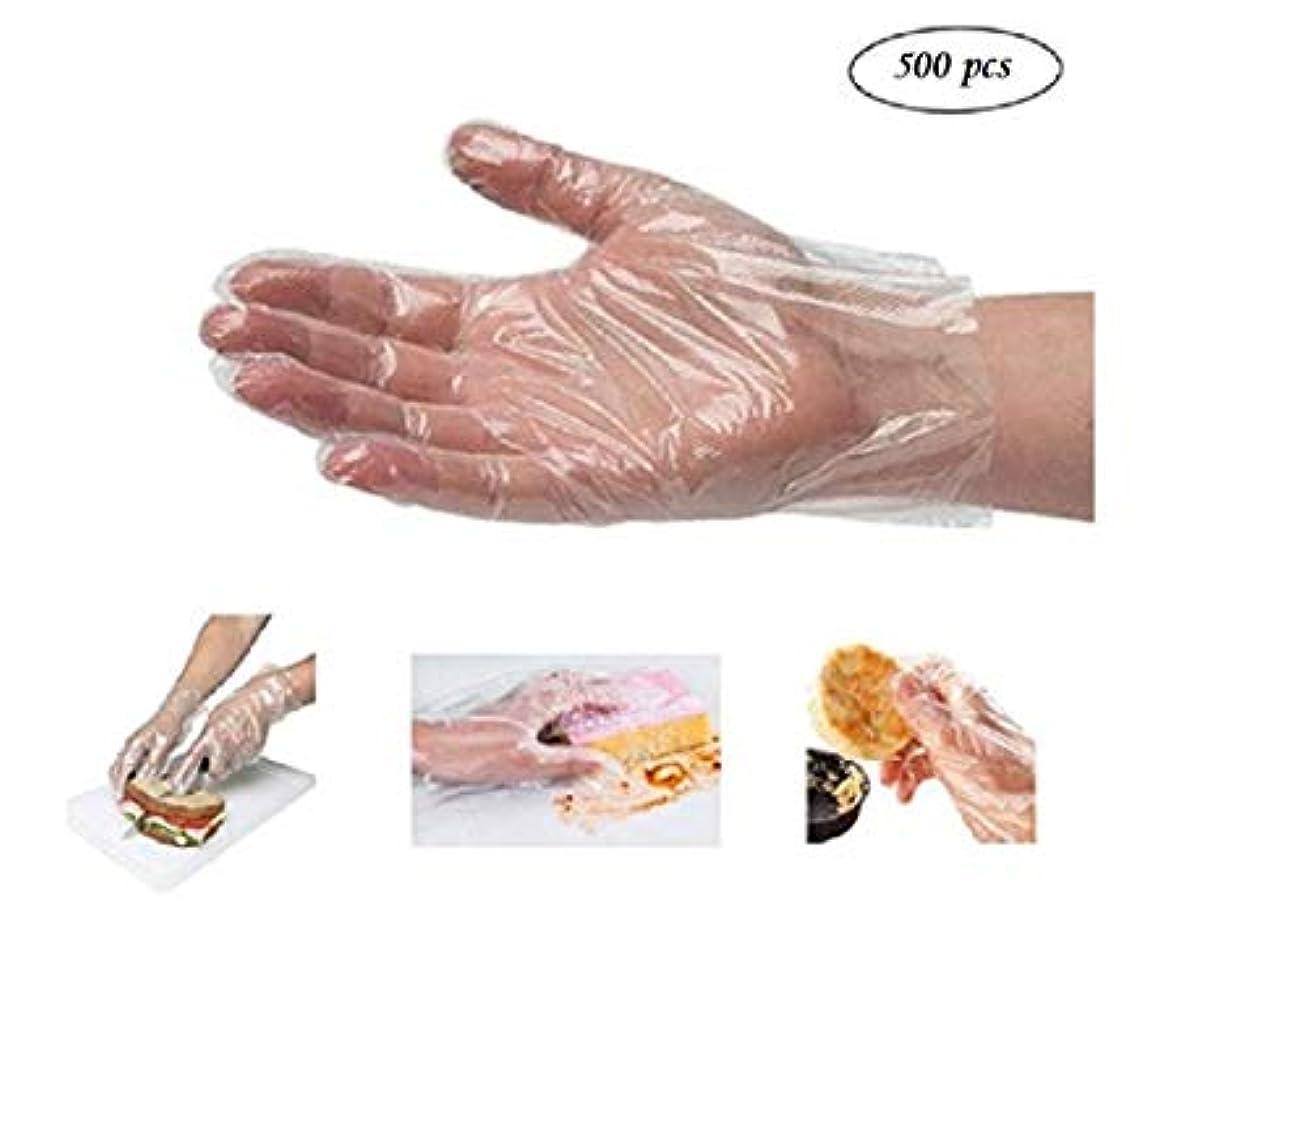 のためオデュッセウス油(5) - BYP Clear Disposable Plastic High Density Polyethylene Gloves Sterile Disposable Safety Gloves(500 Sheets...